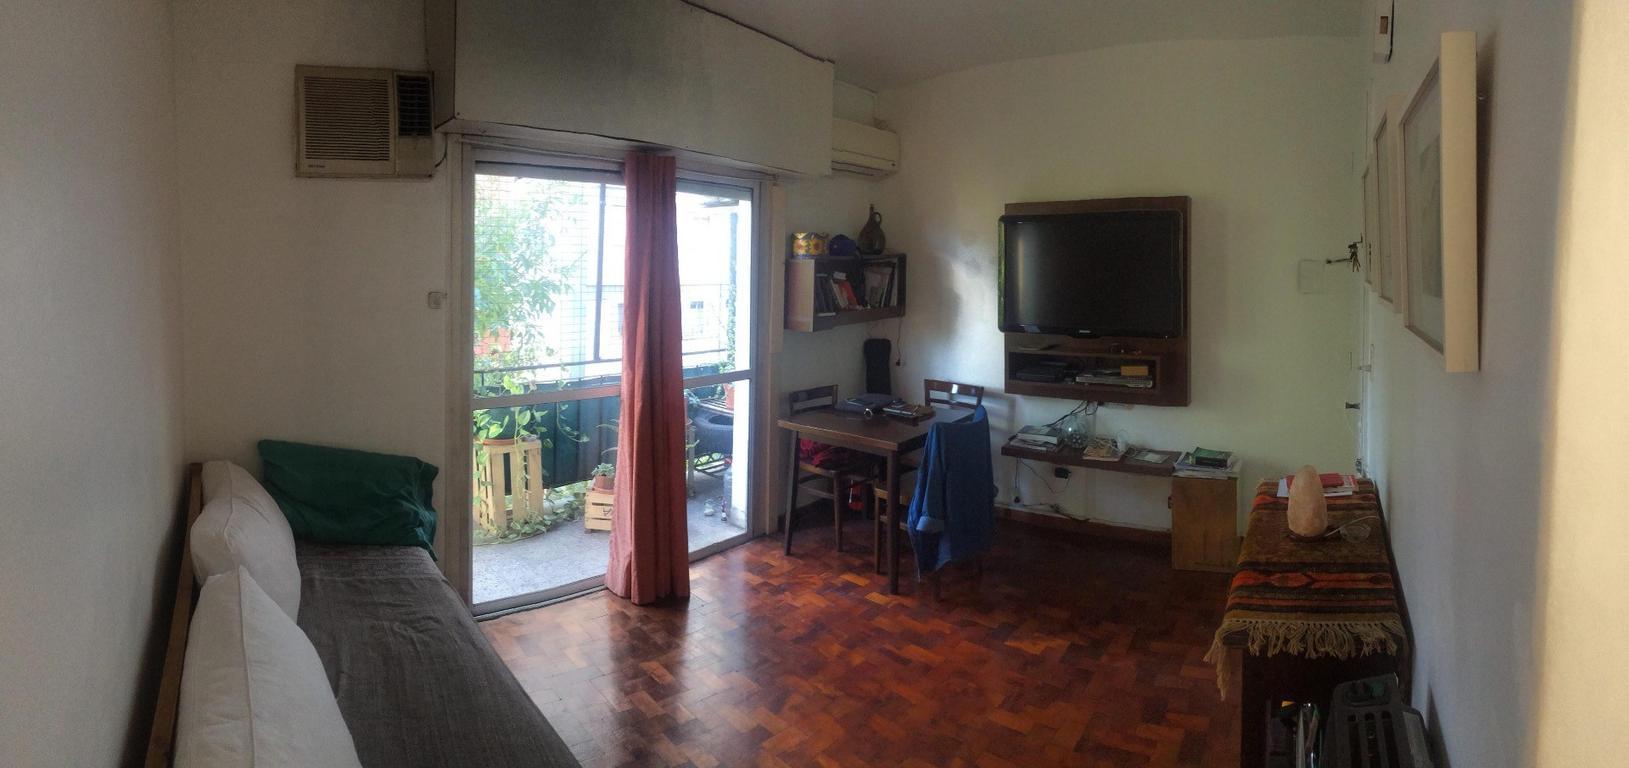 Luminoso y cómodo departamento en Balvanera - Dueño directo